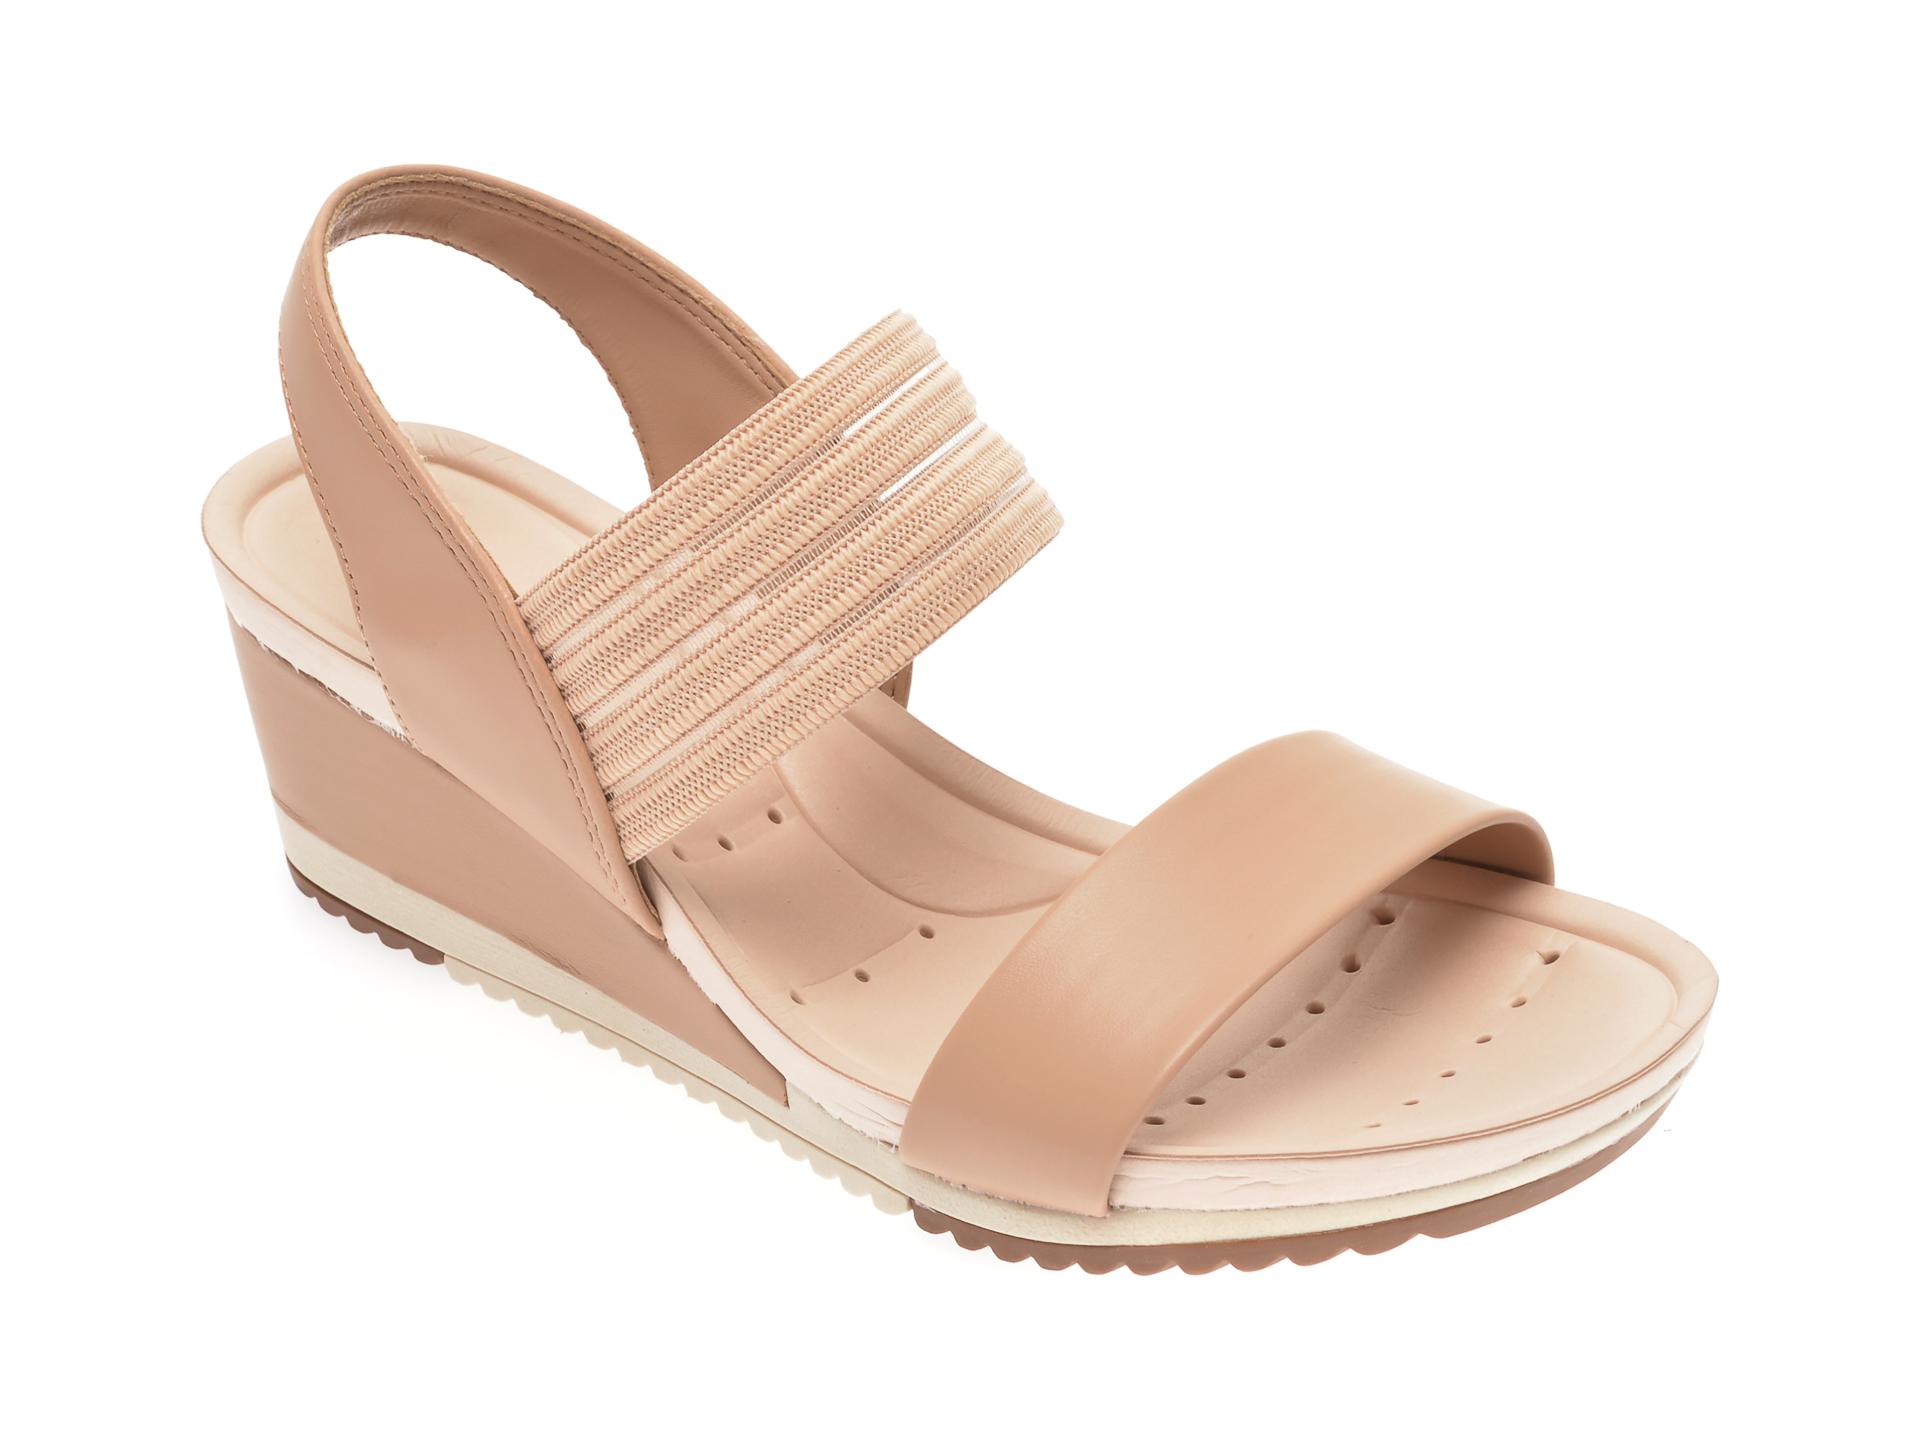 Sandale MODARE bej, 7123107, din piele ecologica